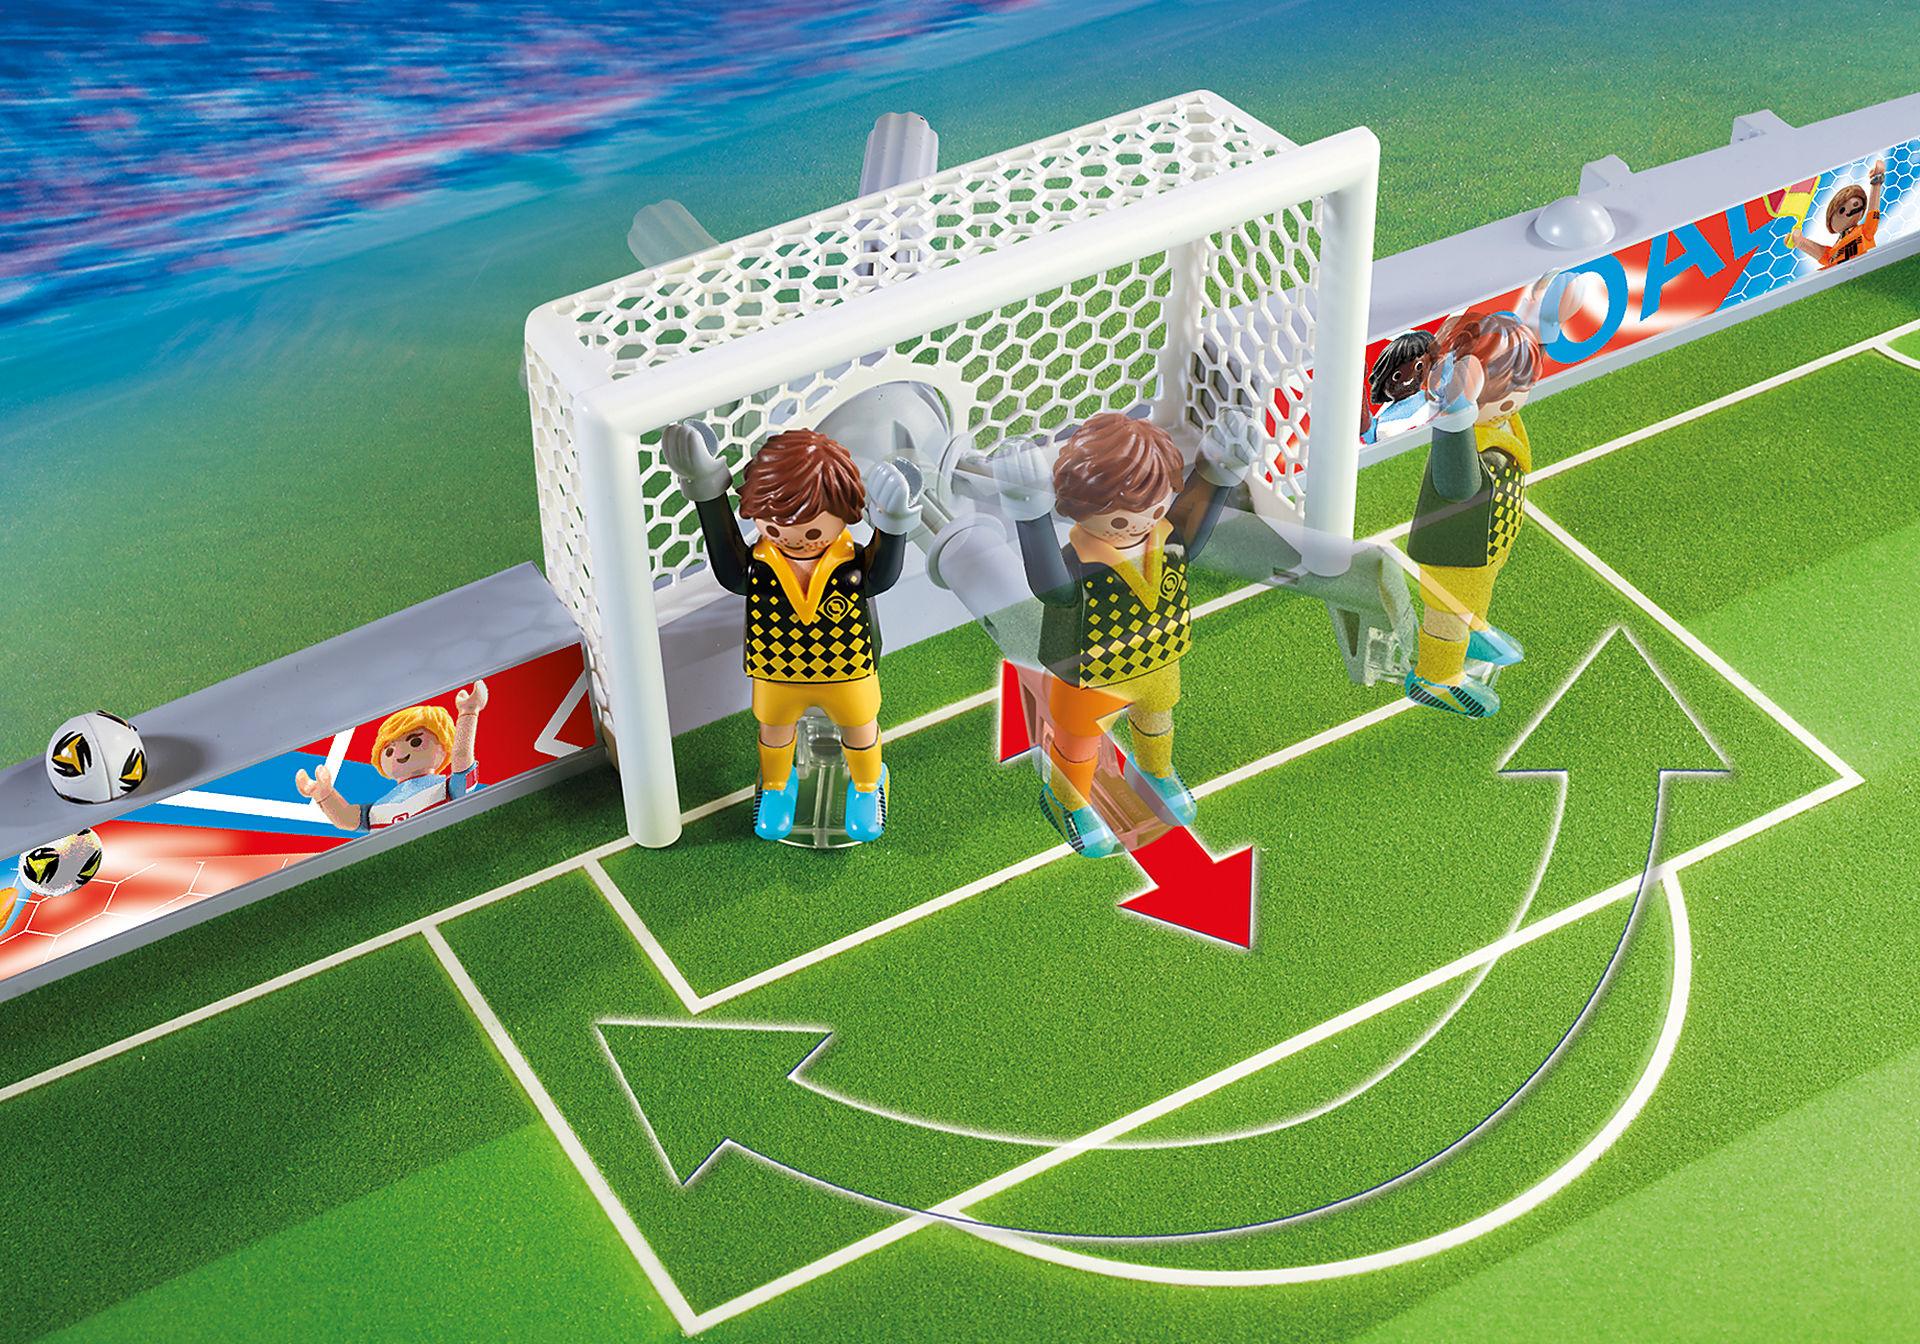 http://media.playmobil.com/i/playmobil/6857_product_extra2/Mala Campo de Futebol